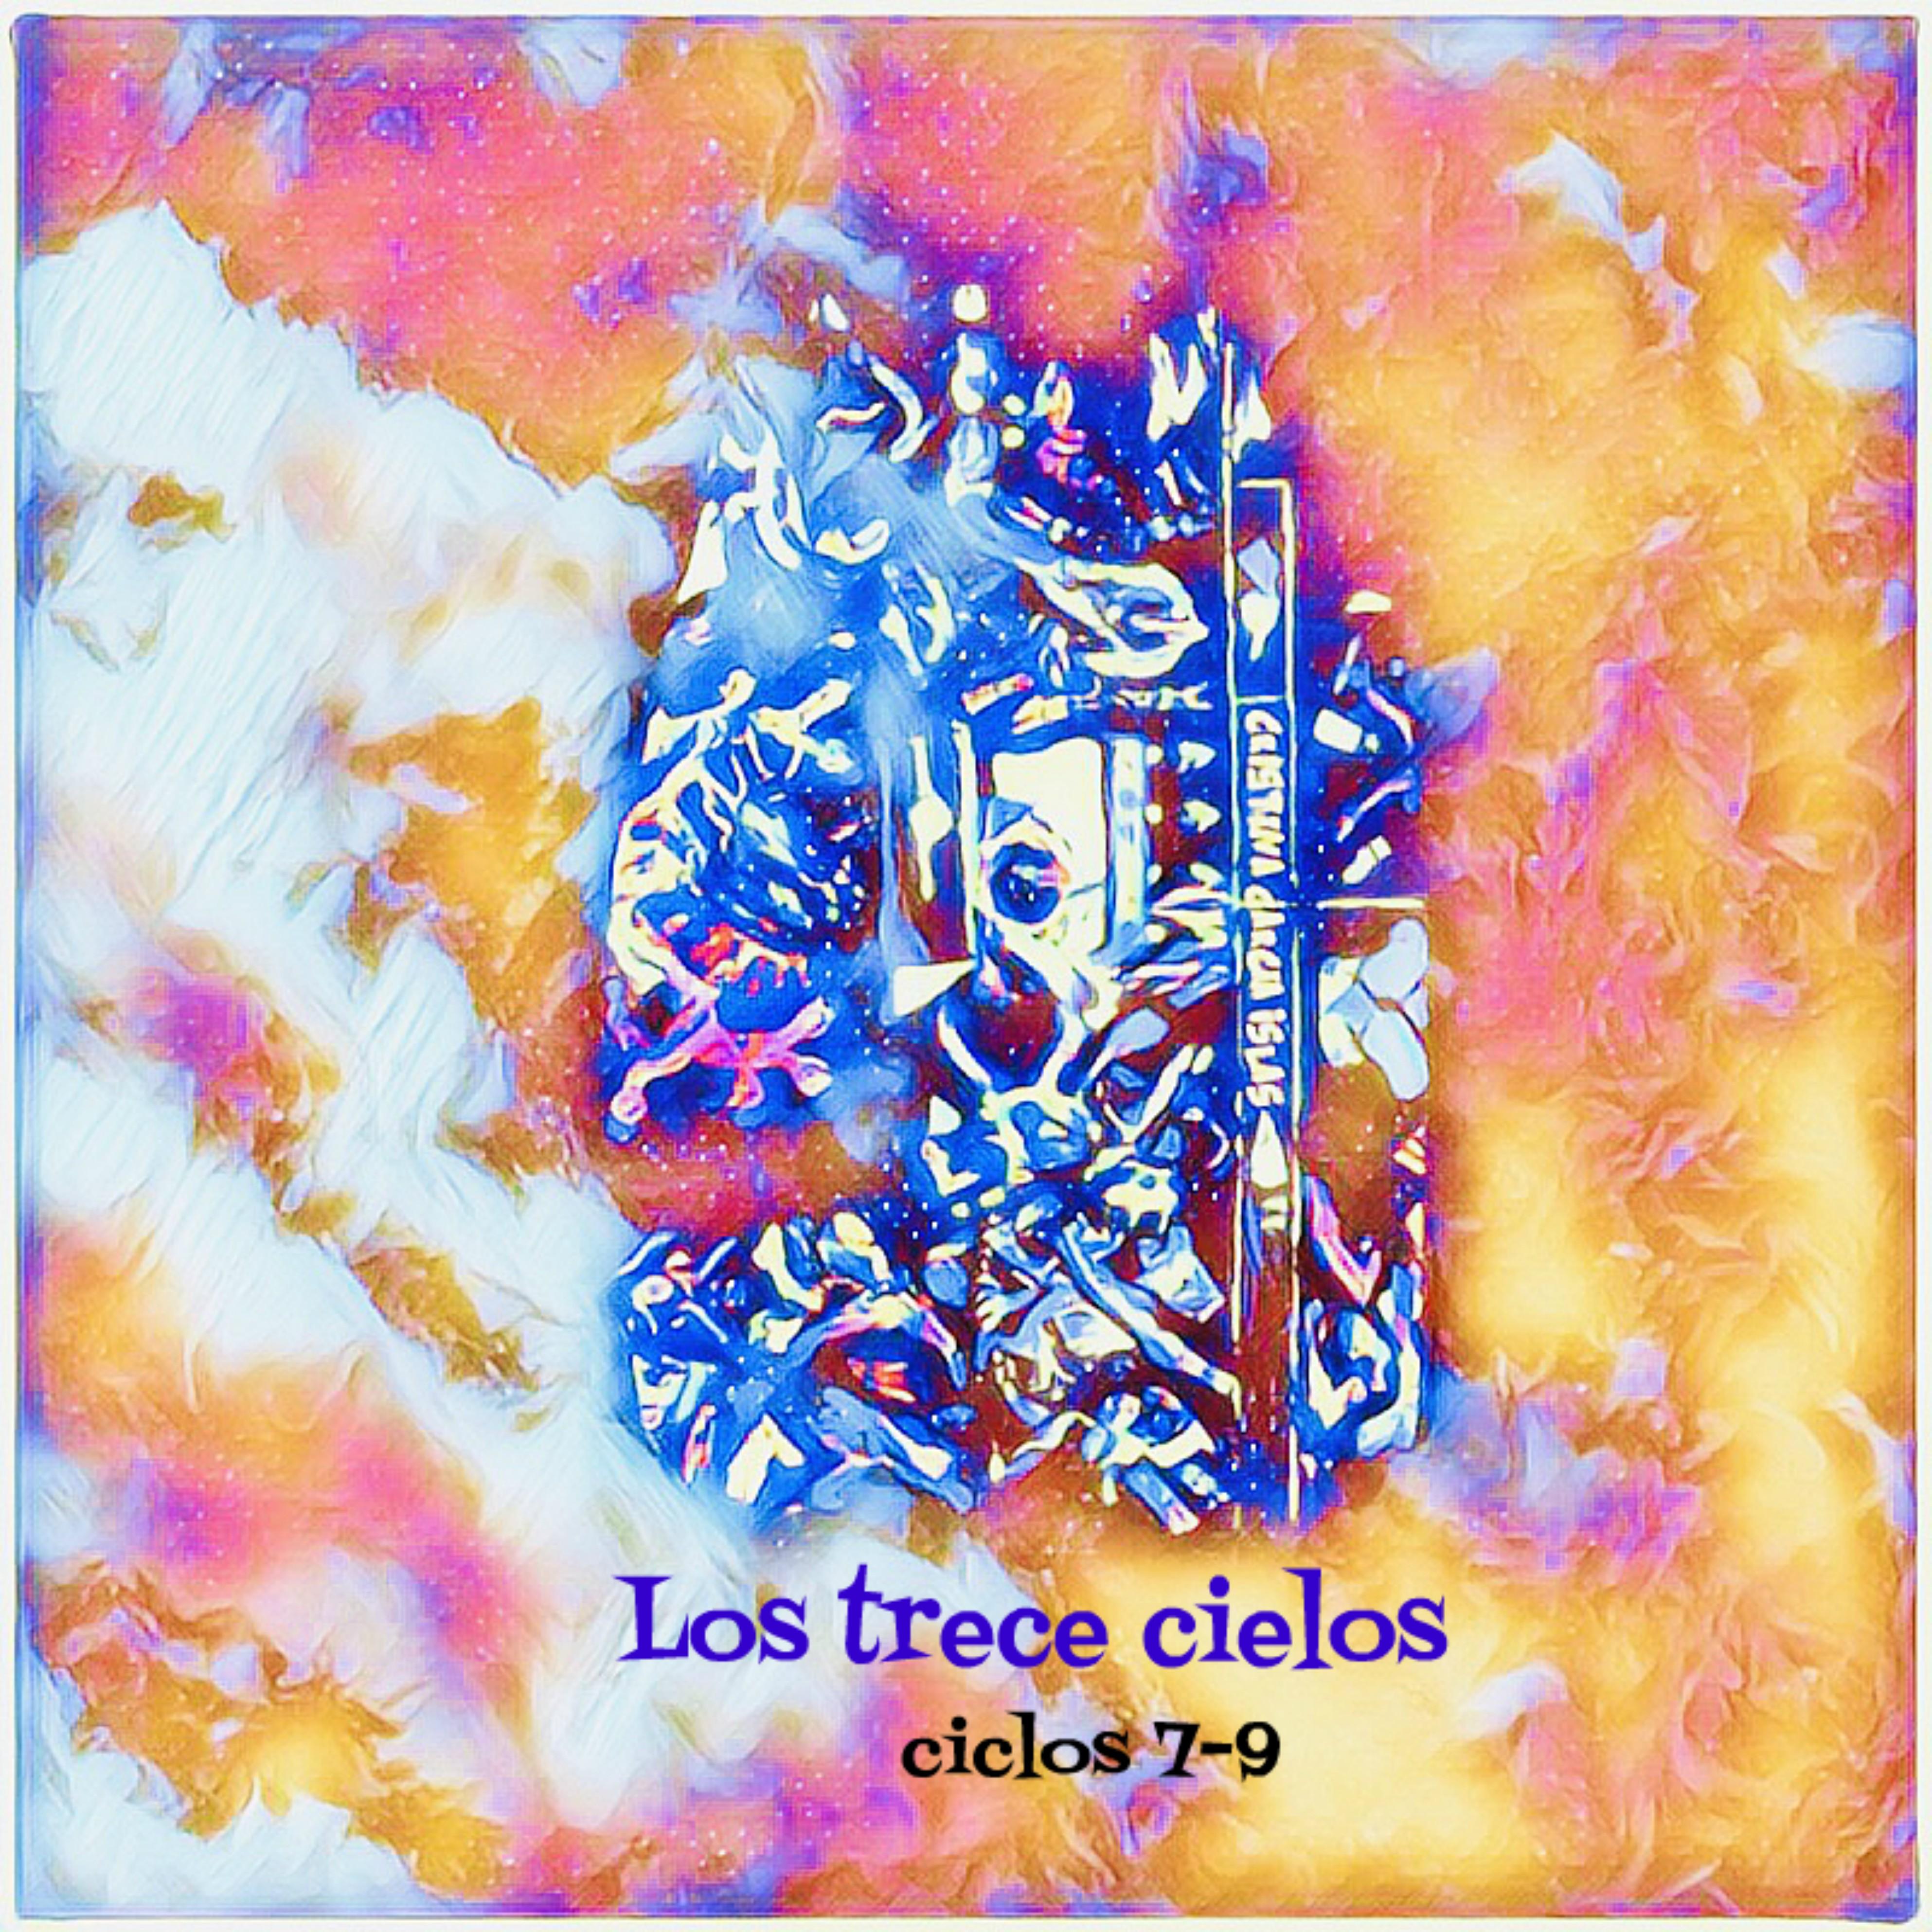 Los trece cielos (ciclos 7-9)